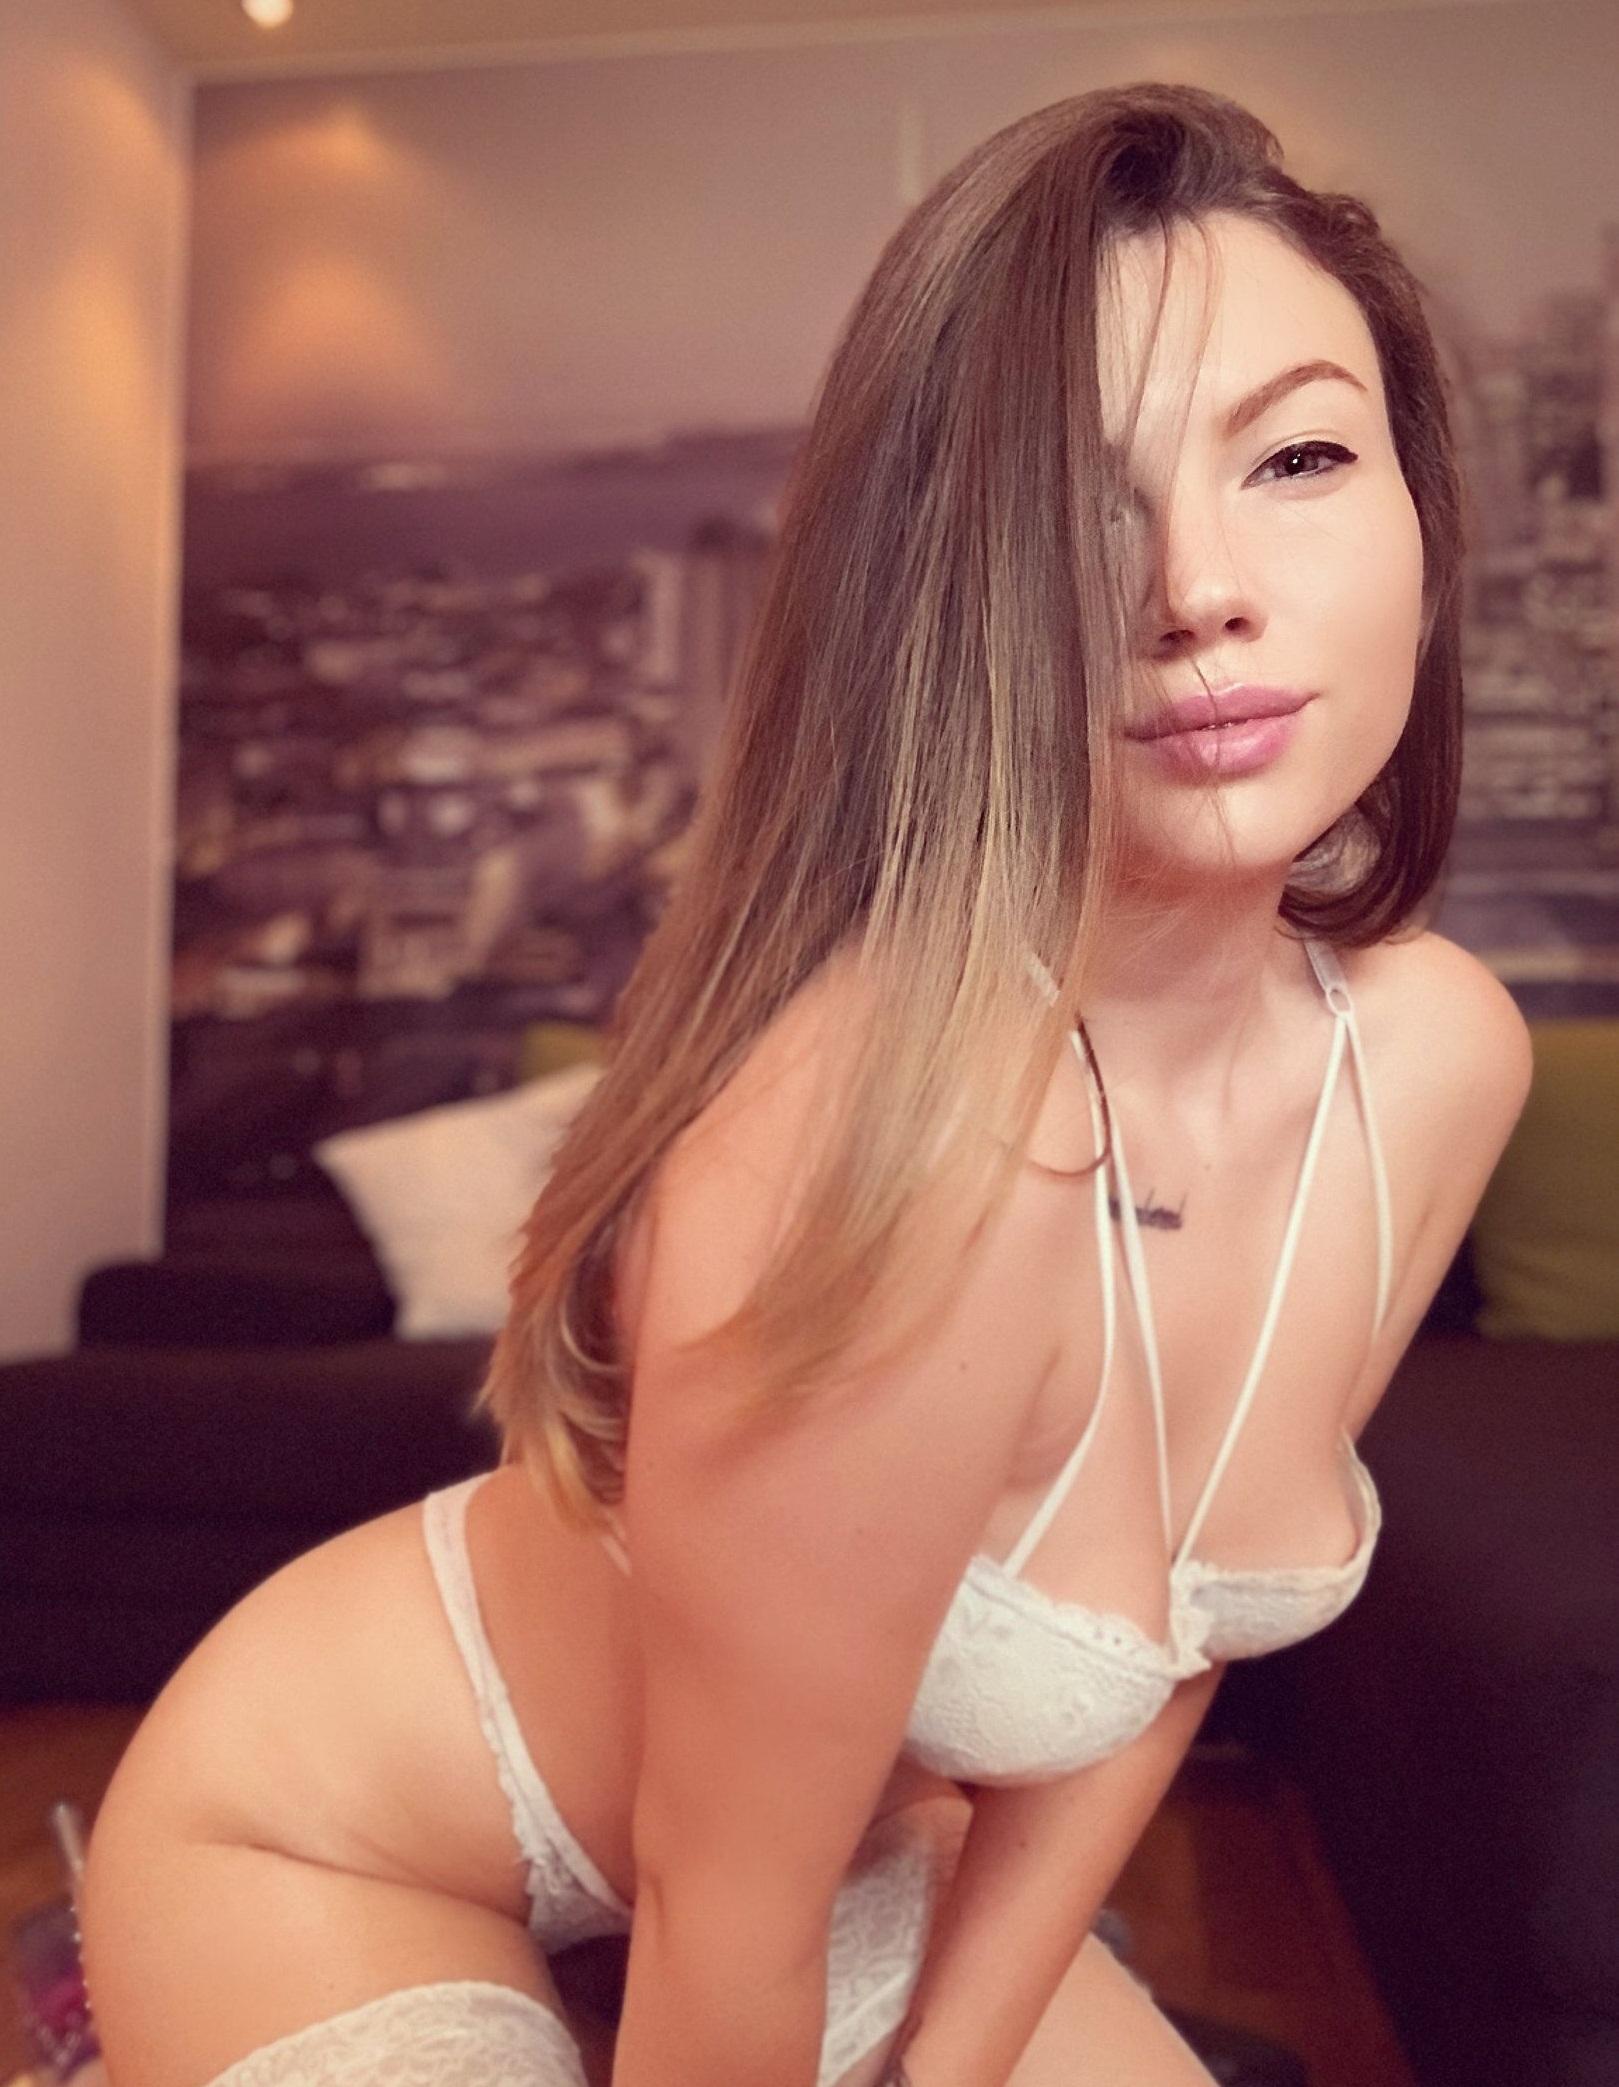 Encantadora Lecsy Lexi fotos + nudes 1